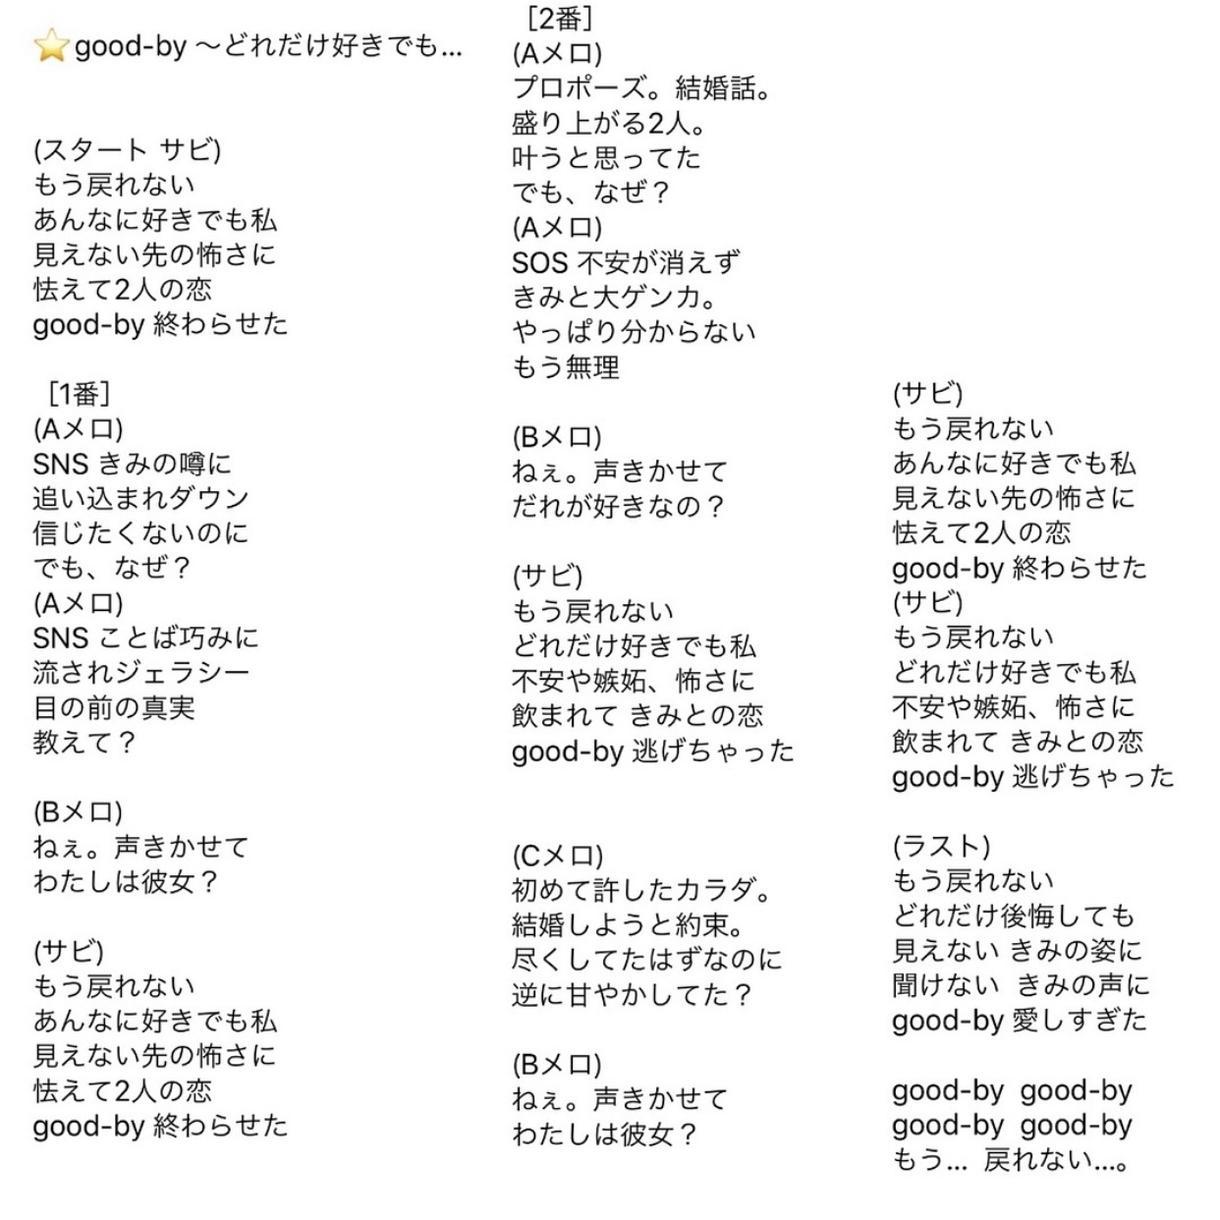 詞先オリジナル曲の作詞します 切ない系、恋愛系がの歌詞が得意です♡ イメージ1